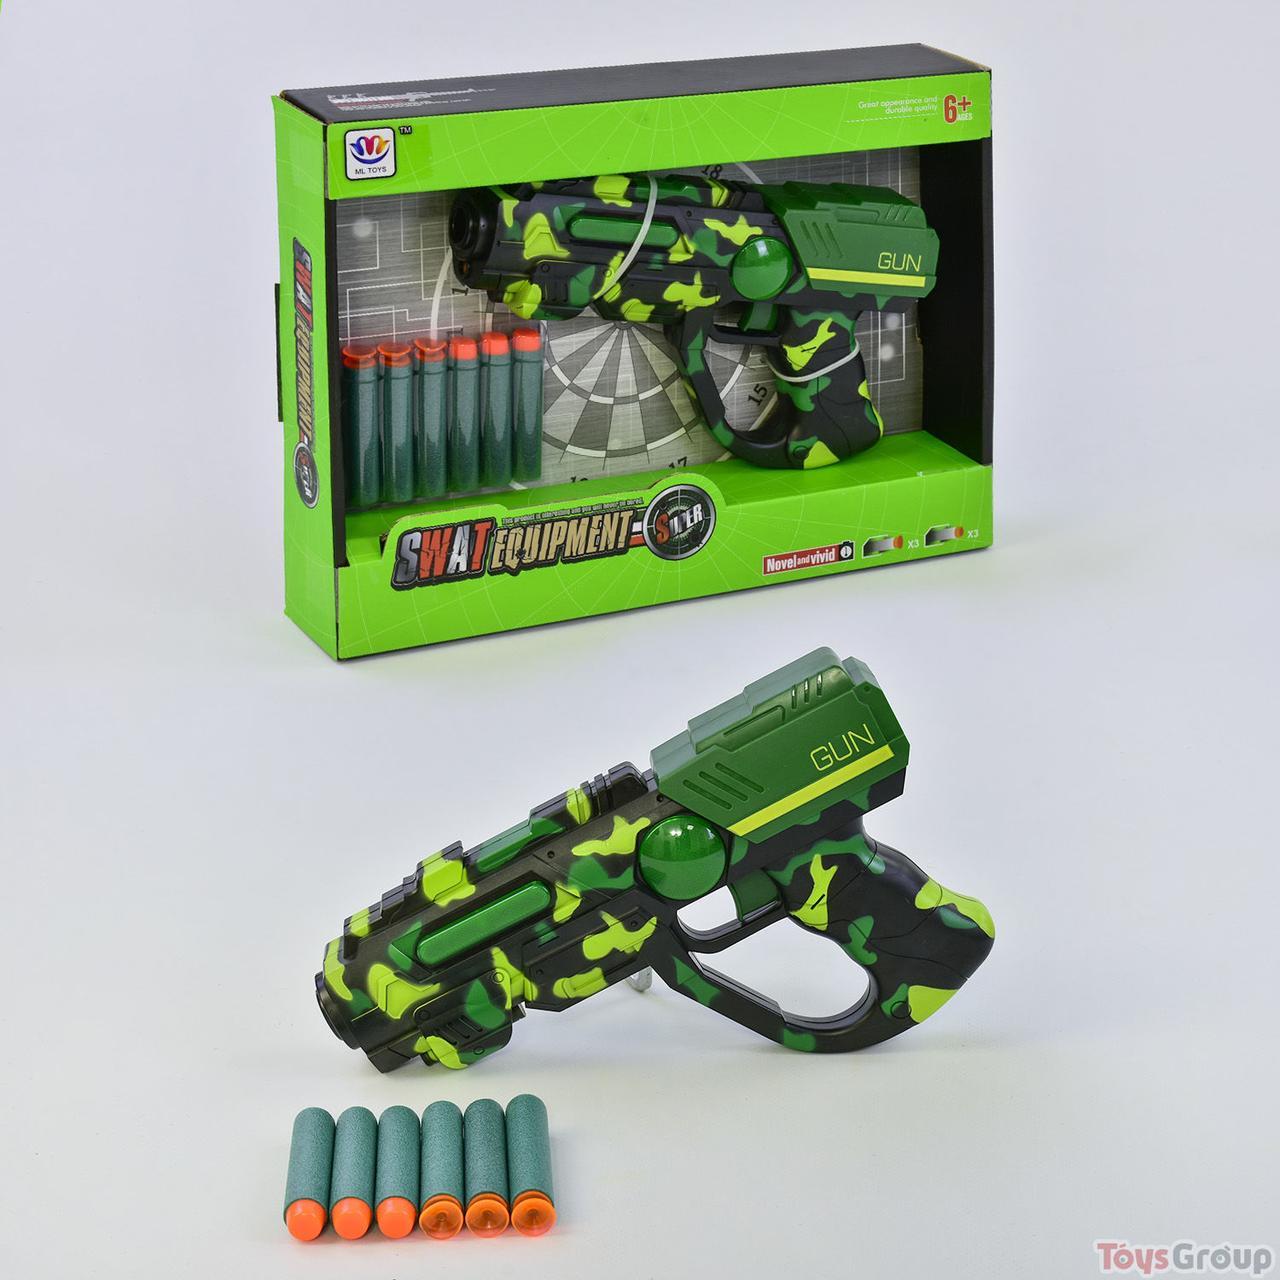 Пистолет с мягкими патронами 923 В - 923 С (60) музыкальные и световые эффекты, проекция, в коробке